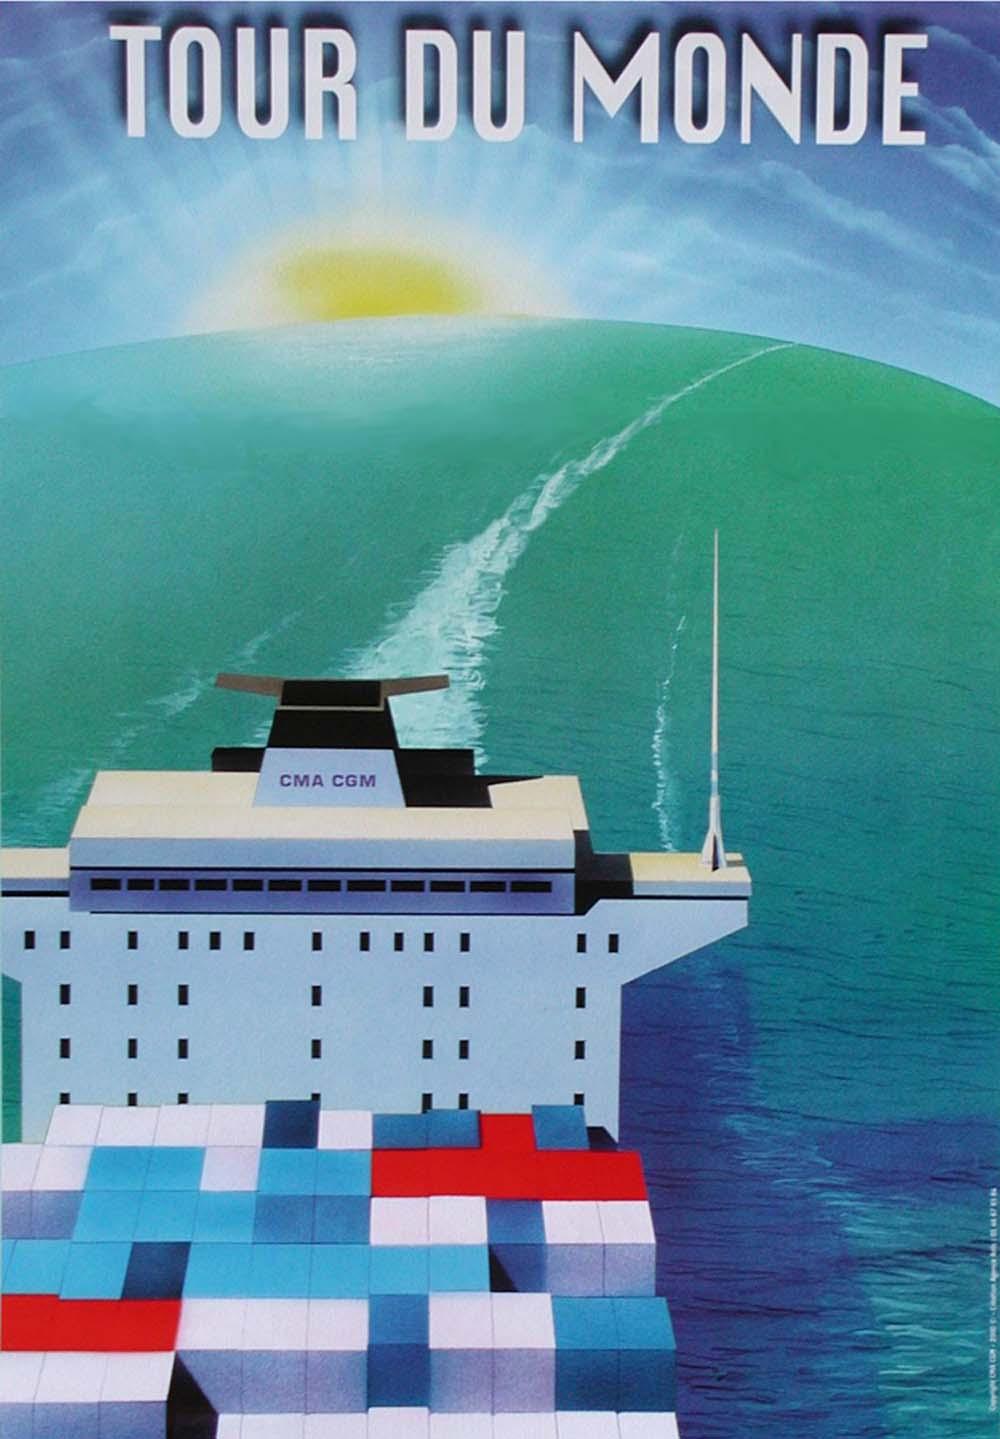 cma cgm cruise logo, tour du monde